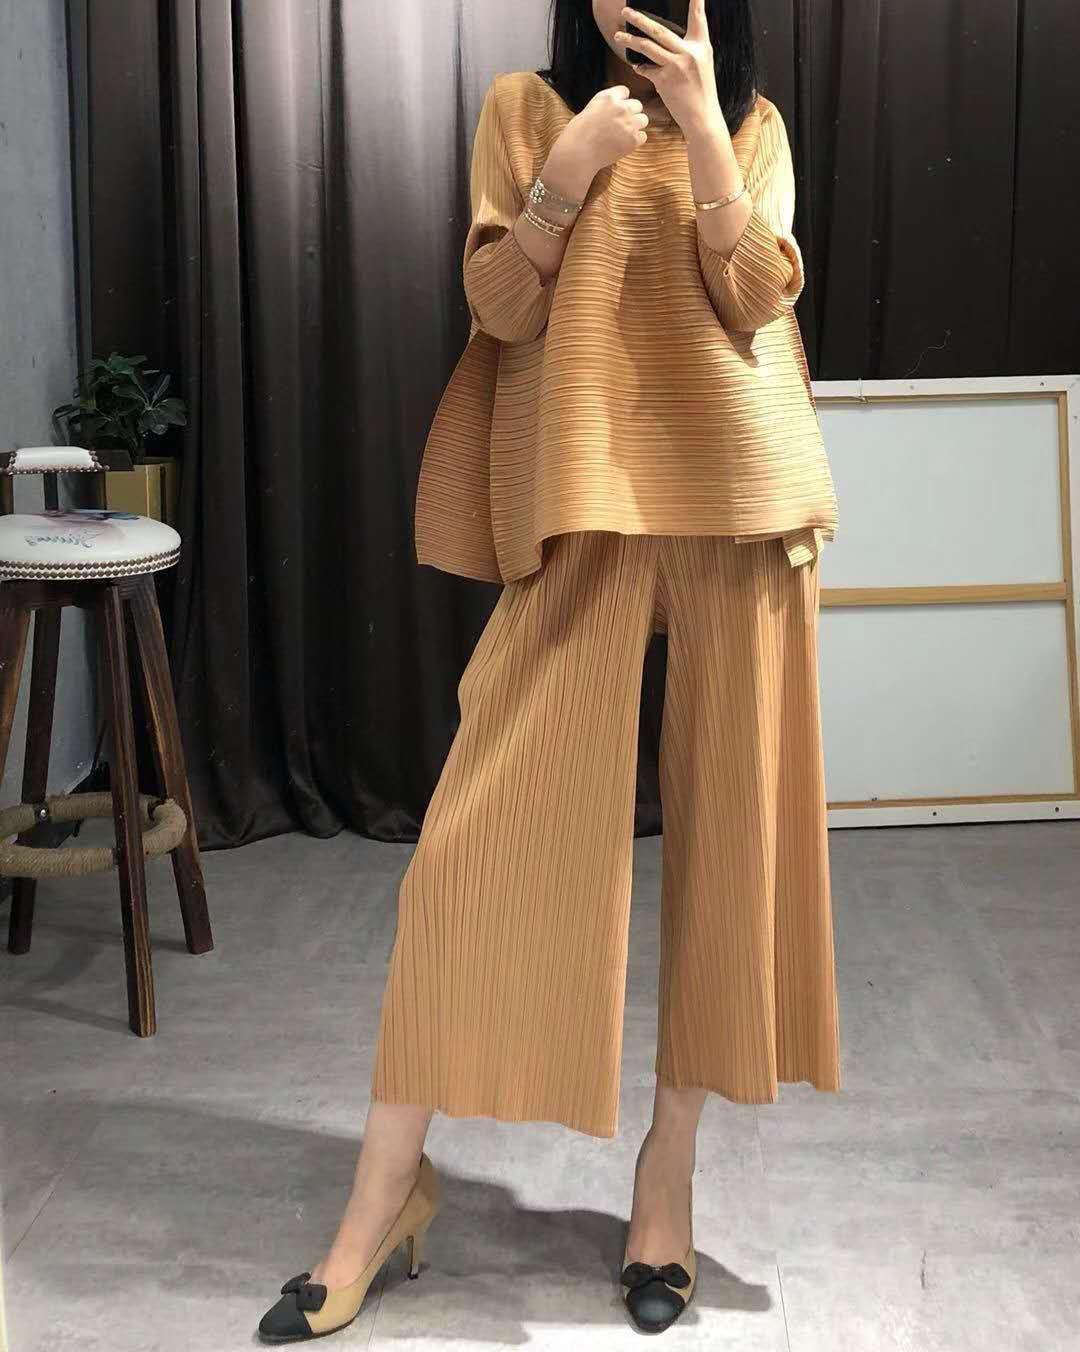 Piezas khaki blue Dos Casuales 2019 Apricot Superaen Pluz Nuevo Tops Moda Conjuntos Salvaje De Verano Tamaño Suelto Europa orange Mujeres Mujer purple Pantalones black nZZPxaW